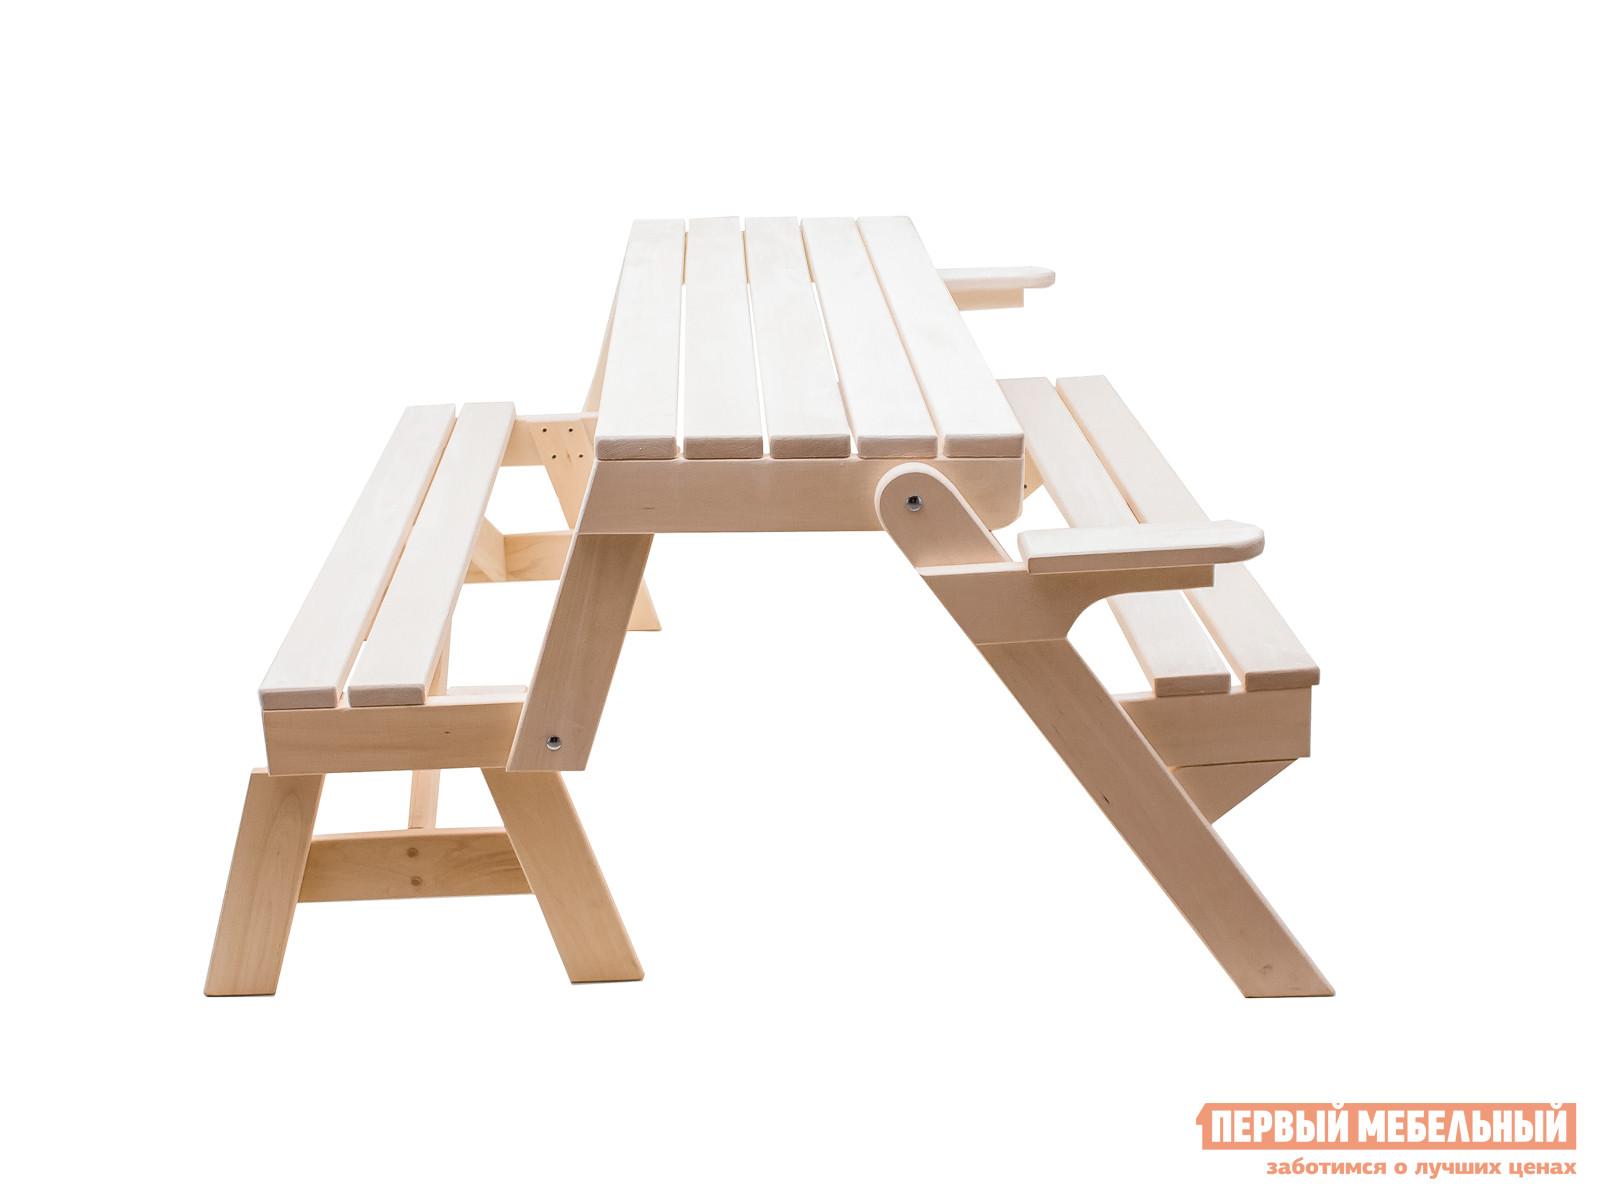 Набор мебели для пикника ММ Лоренс ЛипаНаборы мебели для пикника<br>Габаритные размеры ВхШхГ 800 / 750x1600x700 / 1240 мм. Уникальный трансформер — деревянный стол-скамья — это настоящая находка для тех, кто ищет нечто уютное и практичное для своего загородного участка.  Не нужно искать отдельно мебель для дачного домика, в сад или в баню, в этой модели уже есть все.  В сложенном виде изделие представляет собой широкую удобную скамью с подлокотниками.  Реечные спинка и сиденье обеспечат свободную циркуляцию воздуха по телу.  Идеальный элемент меблировки для веранды, беседки или предбанника. Если вы планируете устроить застолье на даче, собрать семью и друзей, то скамья легко превращается в широкий стол с двумя лавками, за которым поместится шесть человек.  Добавьте пару табуретов, и с торцов стола сядут еще двое.  Размеры изделия в виде скамьи (ВхШхГ): 800 х 1600 х 700 мм. Размеры изделия в виде стола с лавками (ВхШхГ): 750 х 1600 х 1240 мм. Изделие полностью, включая раскладные механизмы, изготавливаются из массива липы.  Дерево проходит тщательную обработку и шлифовку, что обеспечивает гладкую и приятную на ощупь поверхность всех деталей.  Стол-скамья сделает помещение уютным и наполнит его мягким древесным ароматом. При изготовлении мебели дерево не обрабатывается химическими средствами.  Если вы планируете поставить стол-скамью на открытом воздухе, то рекомендуется обработать поверхность влагостойкими составом, которое защитит мебельное изделие от воздействия уличной влажности и продлит срок его службы.<br><br>Цвет: Светлое дерево<br>Высота мм: 800 / 750<br>Ширина мм: 1600<br>Глубина мм: 700 / 1240<br>Кол-во упаковок: 1<br>Форма поставки: В собранном виде<br>Срок гарантии: 3 месяца<br>Тип: Раскладные<br>Тип: Складные<br>Тип: Трансформер<br>Тип: На 5 и более персон<br>Тип: Со спинкой<br>Тип: С лавками<br>Тип: Обеденные<br>Назначение: Для дачи<br>Назначение: Для бани<br>Назначение: Для дома<br>Назначение: Для сада<br>Материал: Массив дерева<br>Порода дерева: Липа<